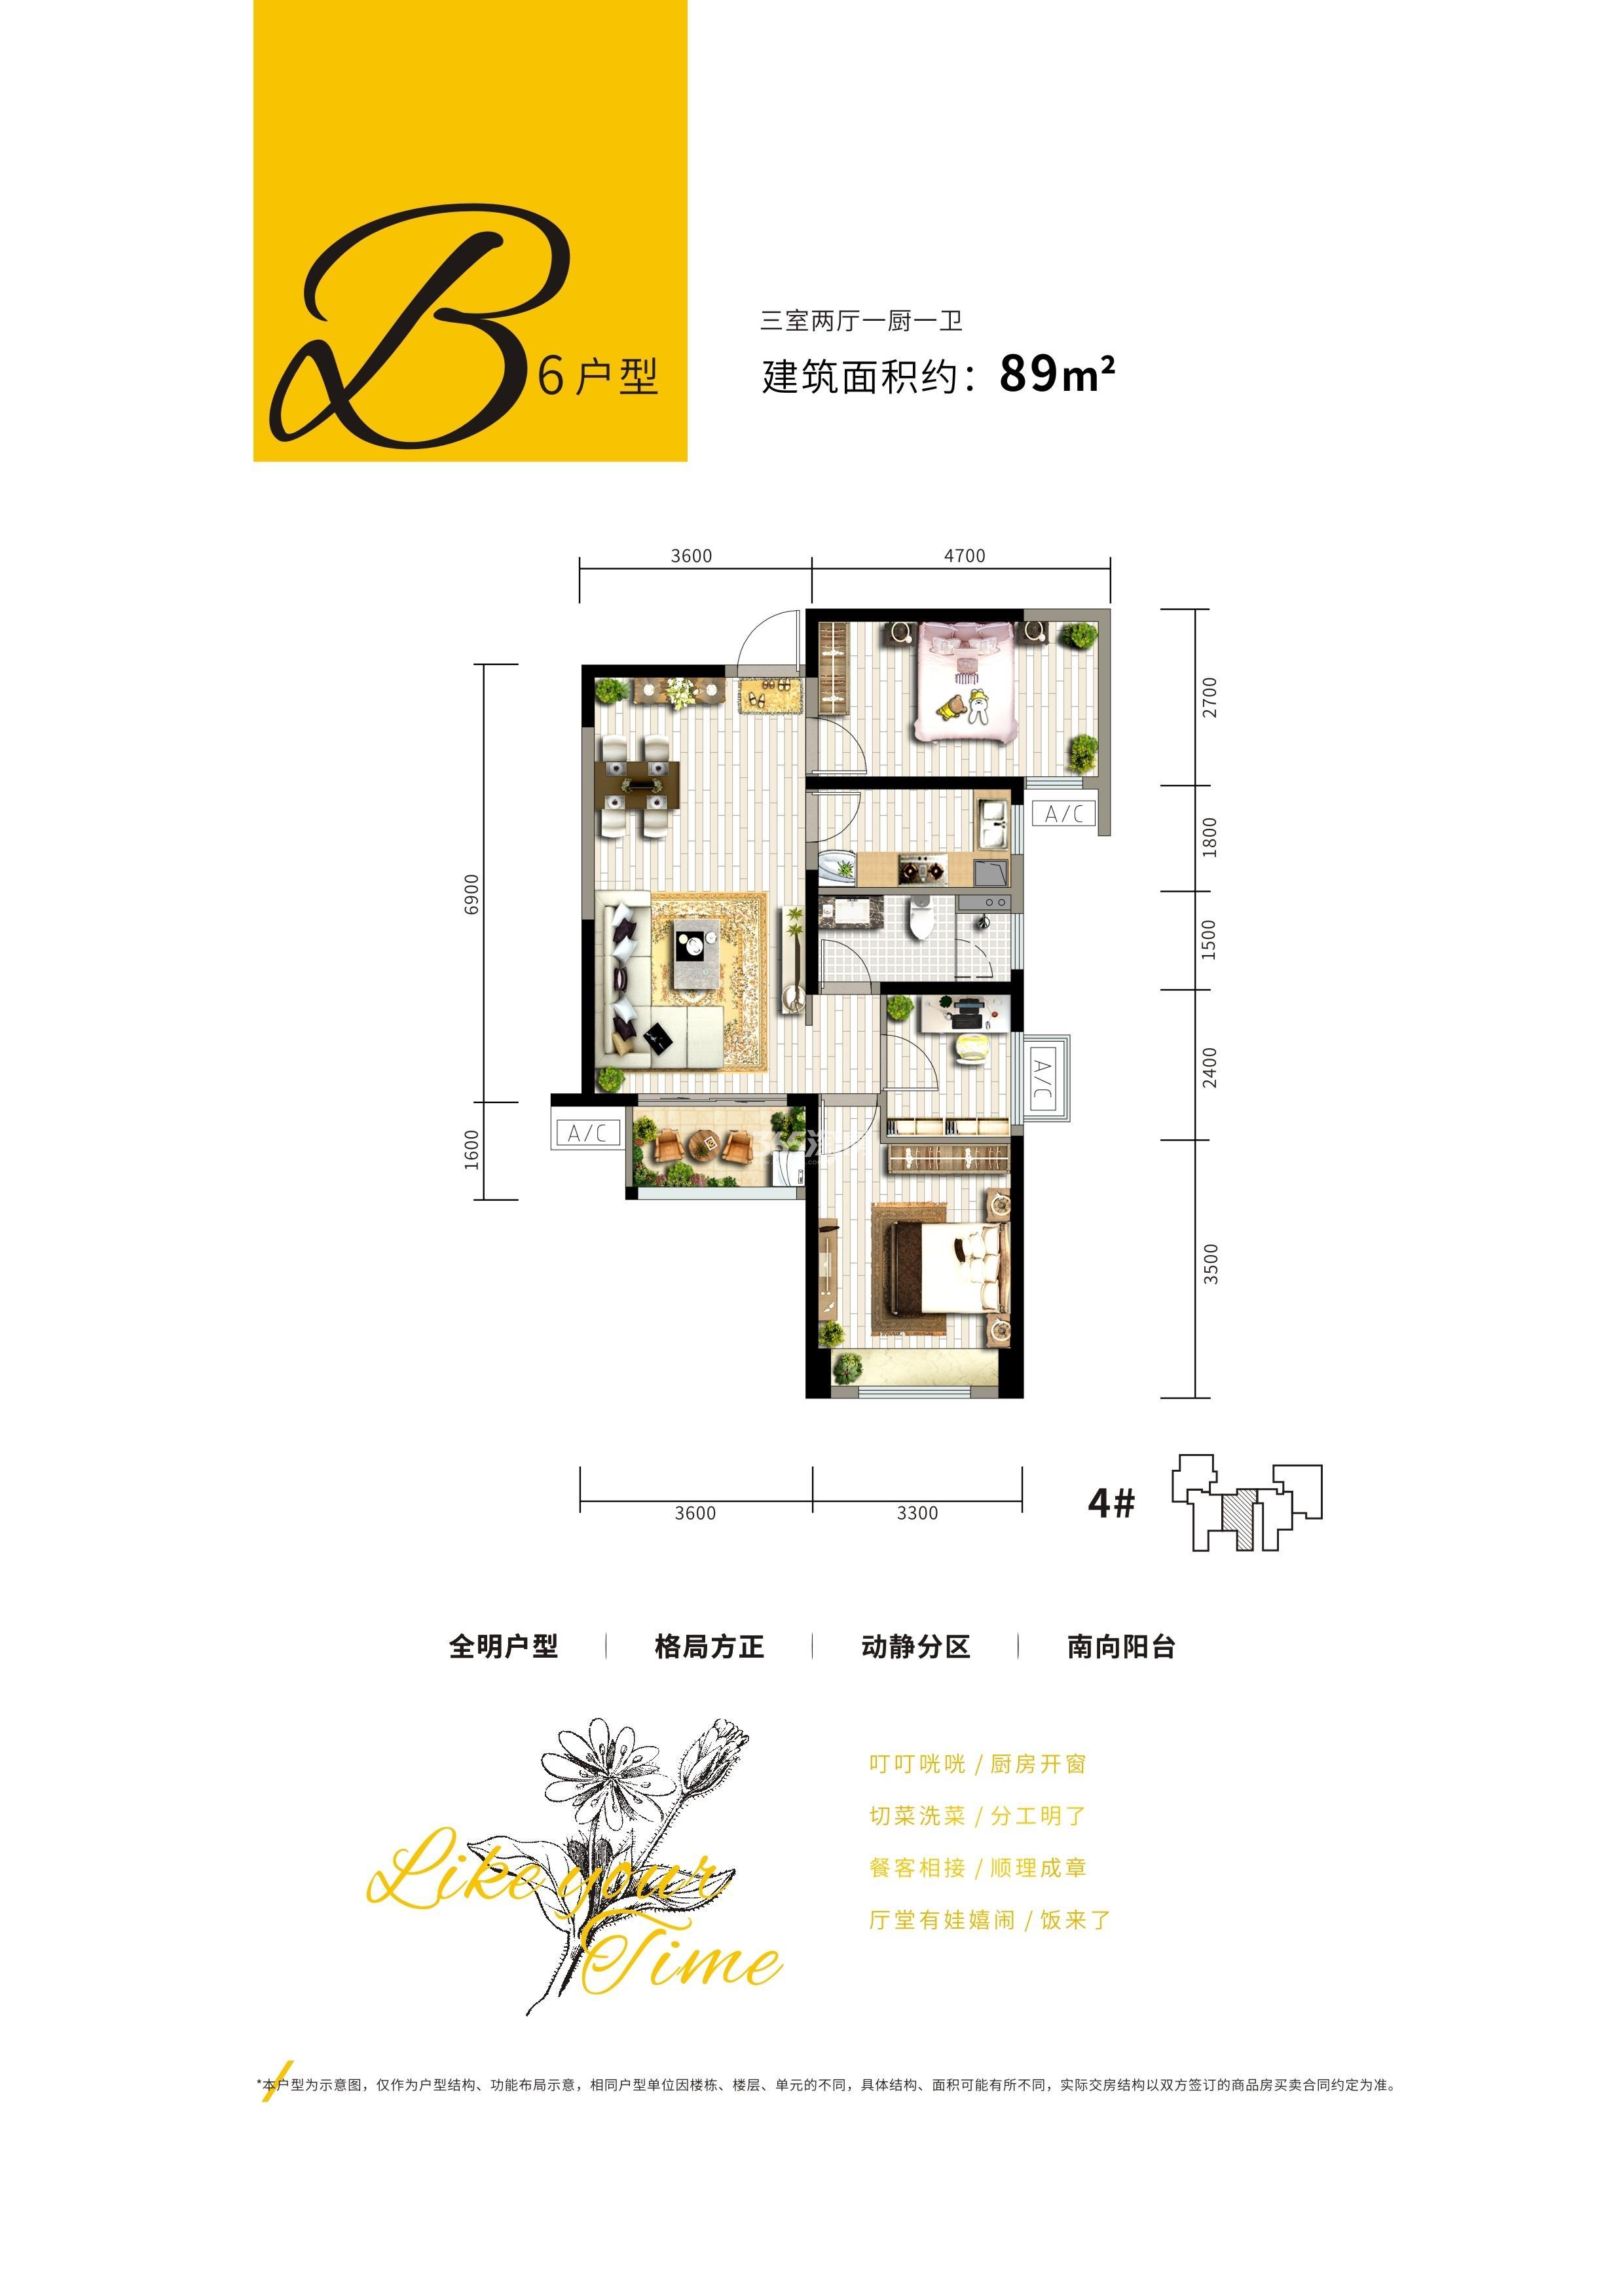 华远海蓝城6期B6户型3室两厅一厨一卫89㎡